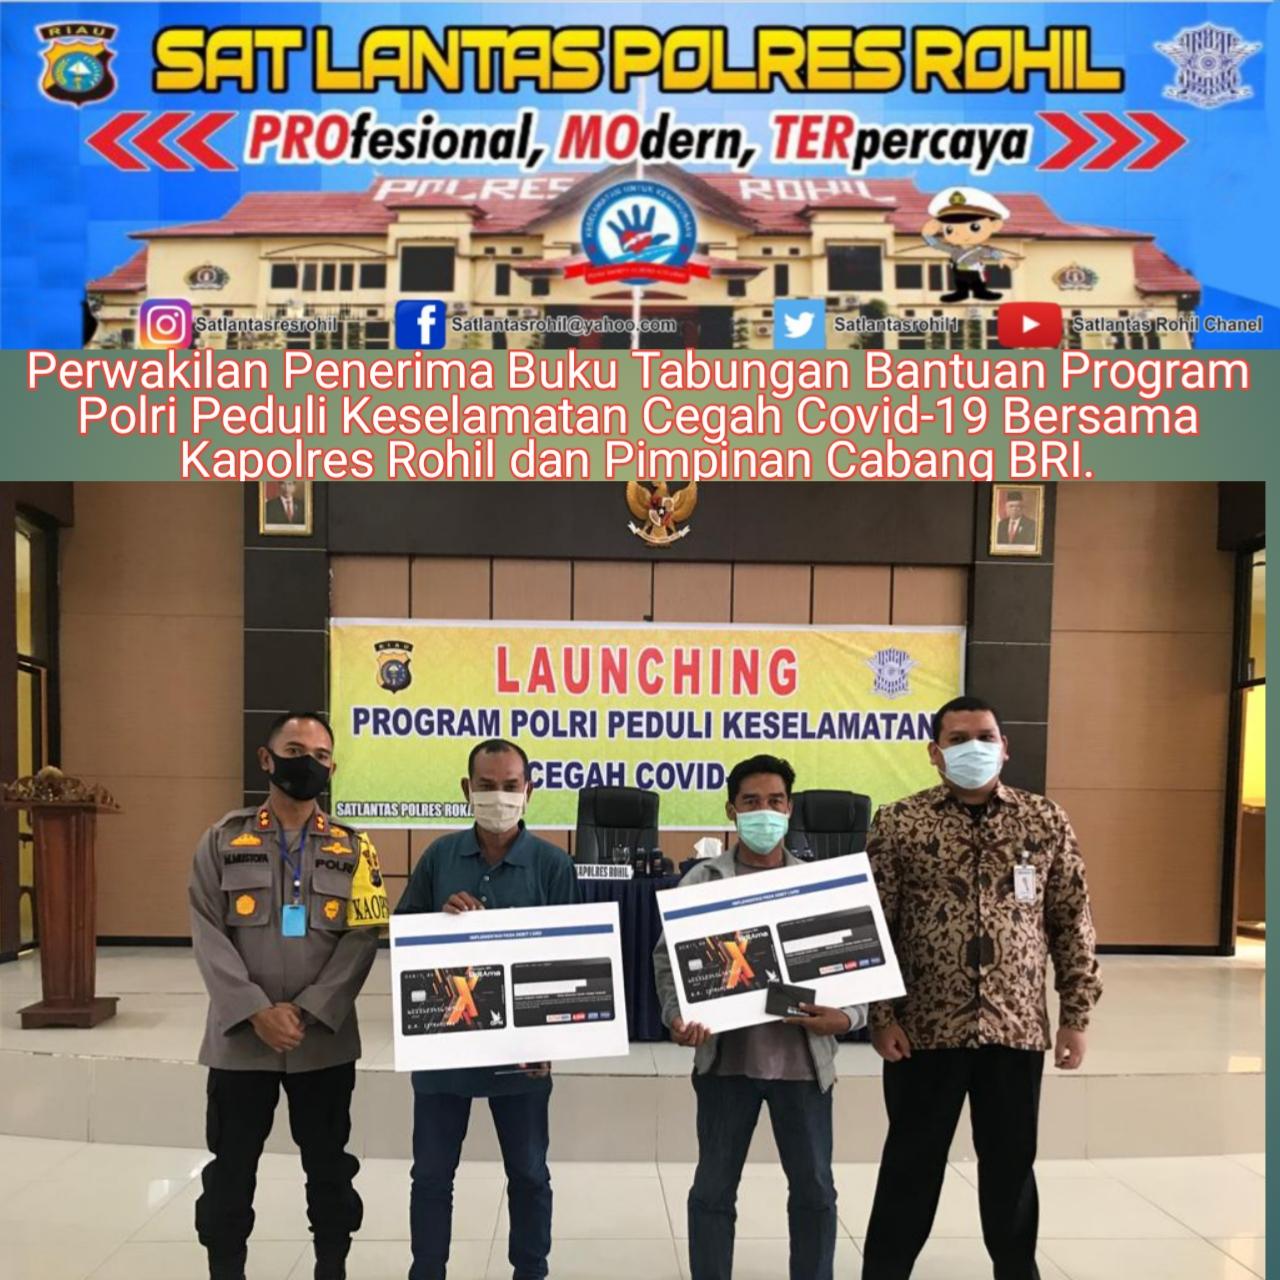 Kapolres Rohil Pimpin Acara Launching Program Polri Peduli Keselamatan Cegah Covid -19